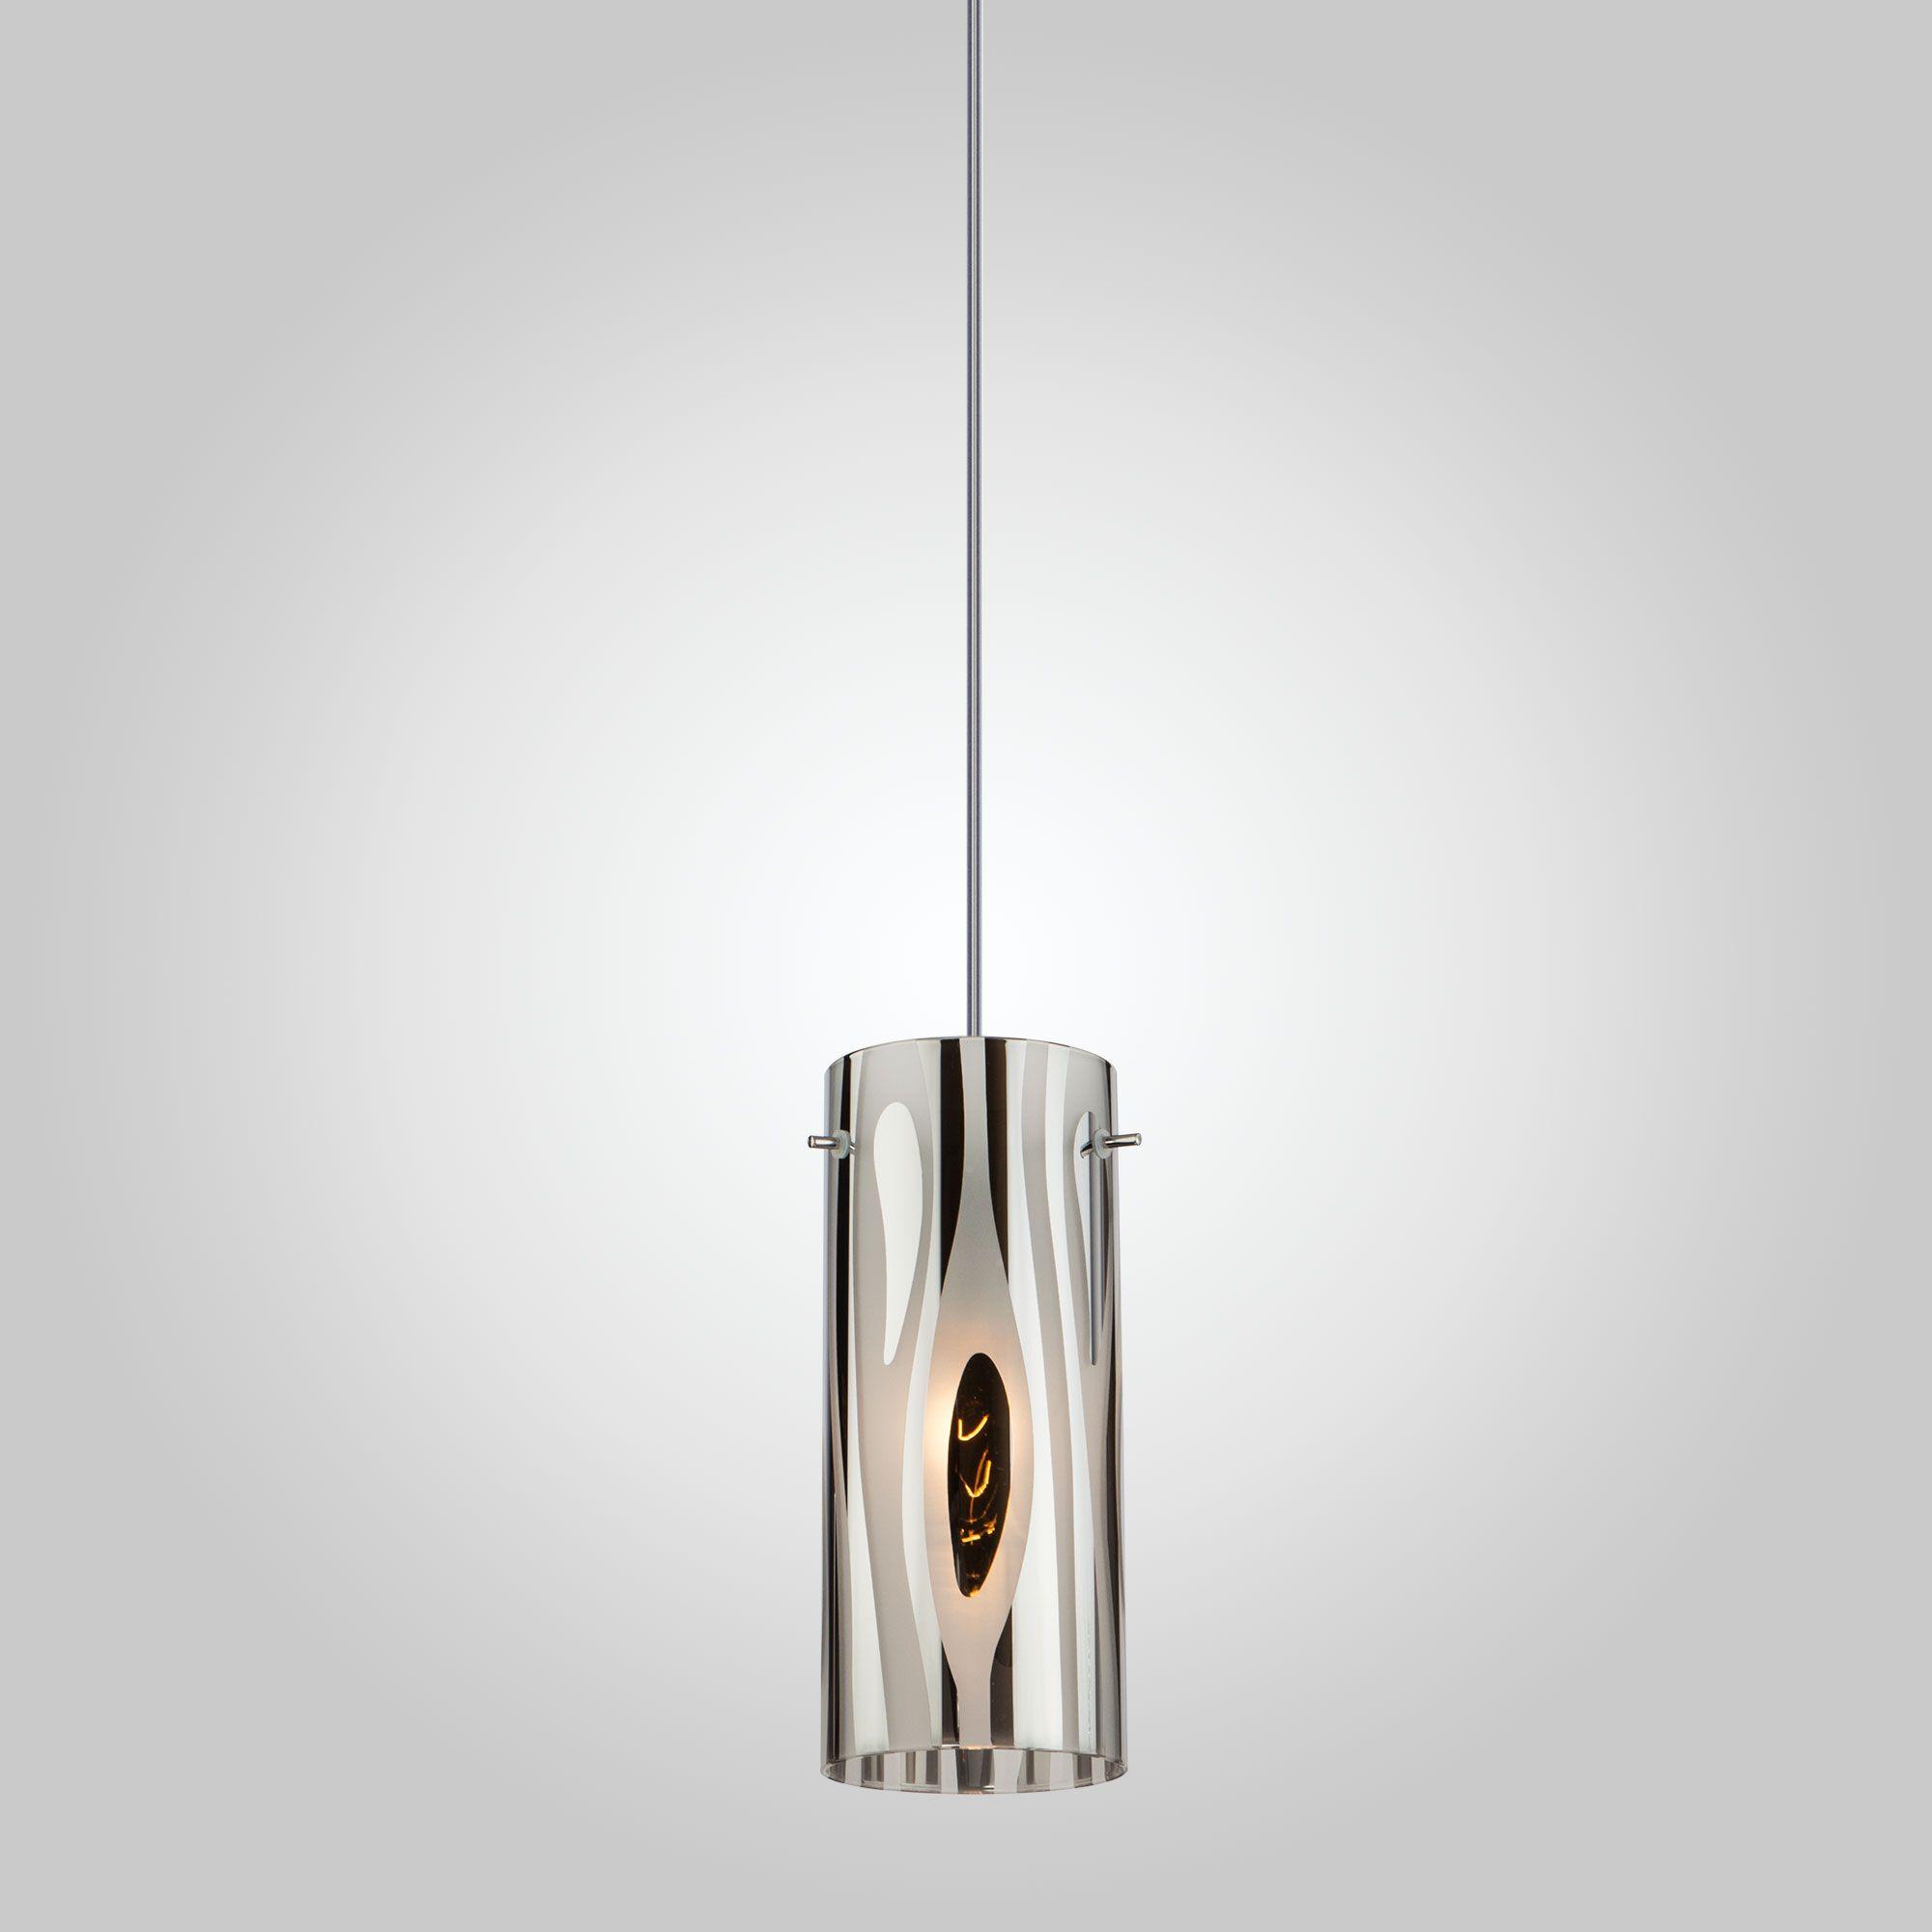 Подвесной светильник со стеклянным плафоном 1575/1 хром